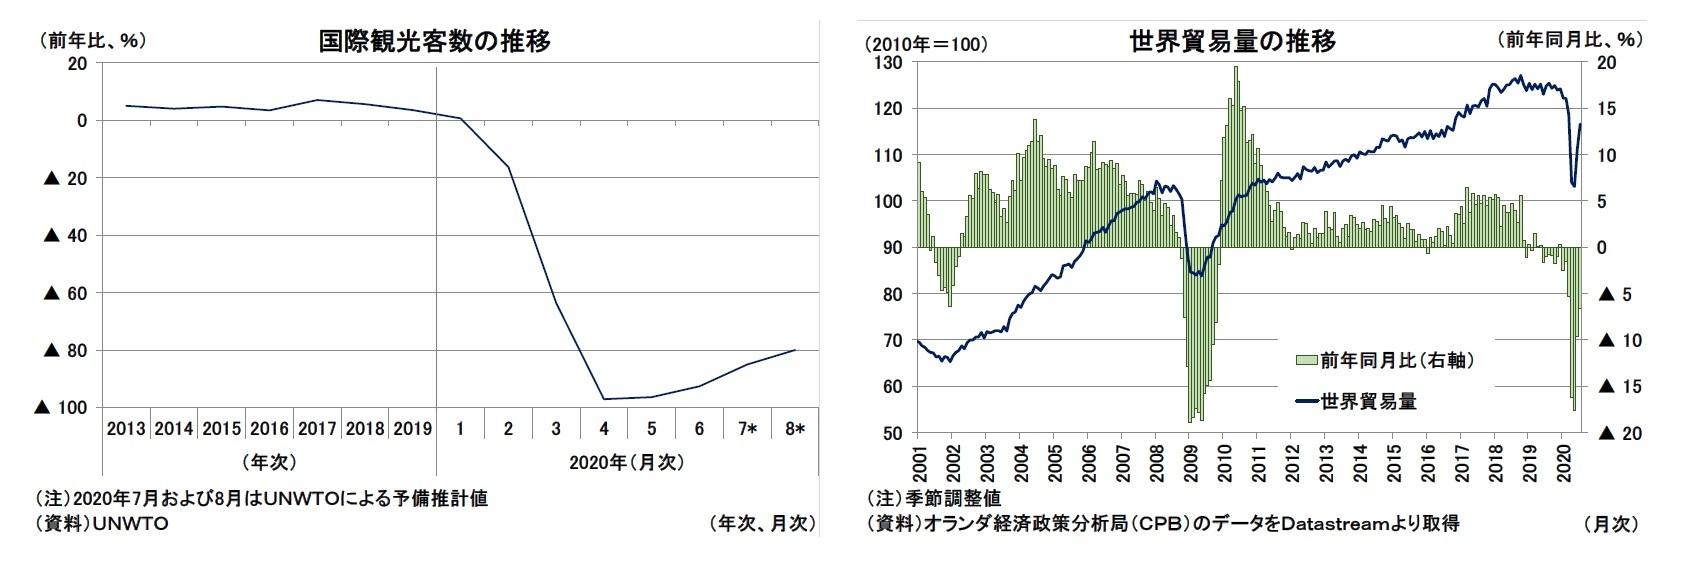 国際観光客数の推移/世界貿易量の推移